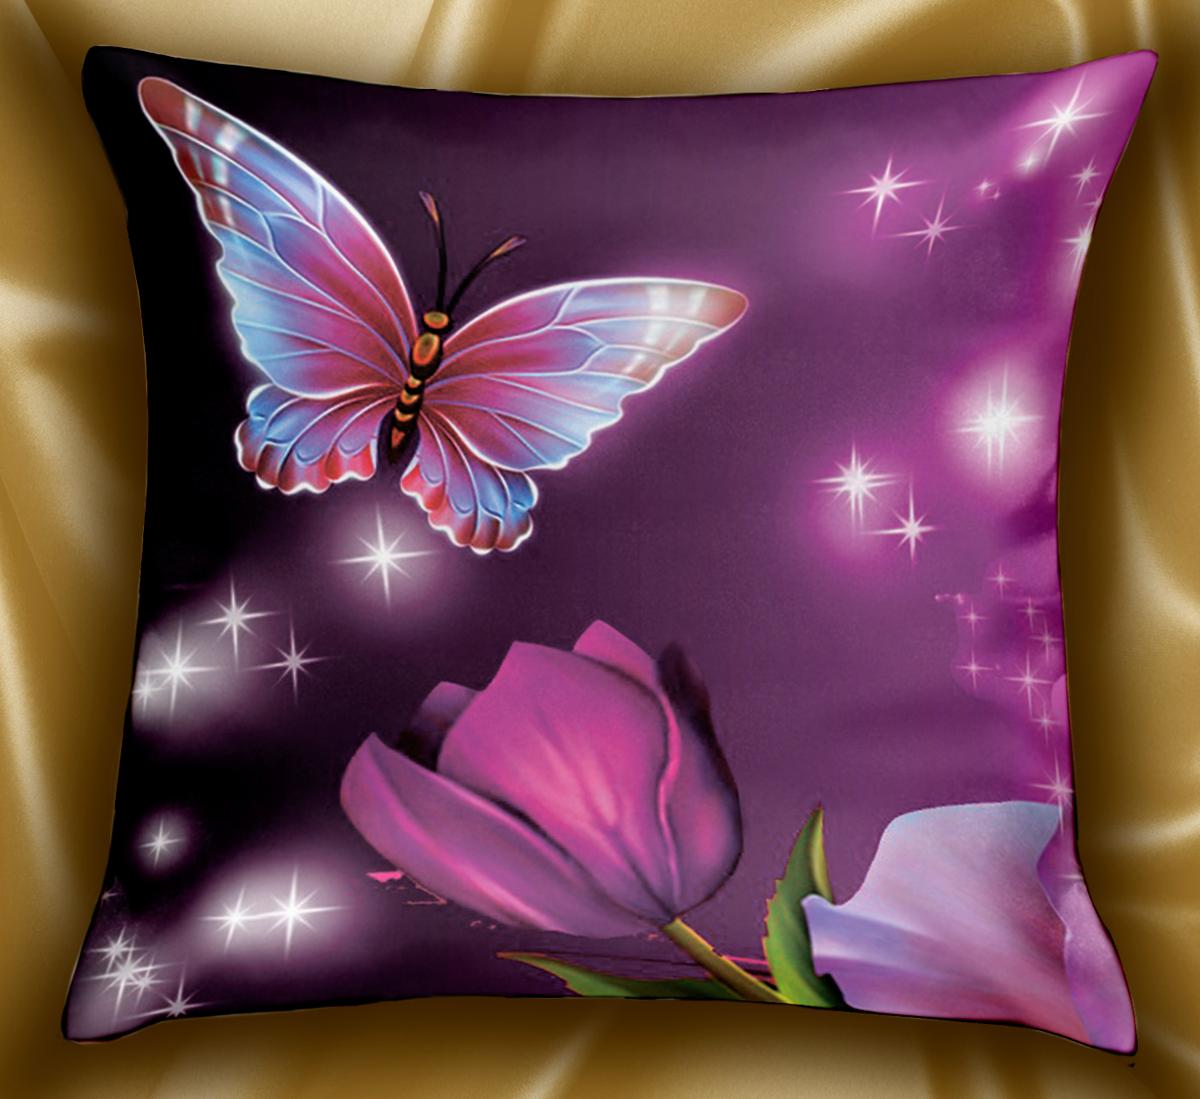 Подушка декоративная МарТекс Рамирос, цвет: черно-розовый, 45 х 45 см. 16-1239-1 конструктор arduino дерзай базовый набор 2 0 книга 978 5 9775 3756 8